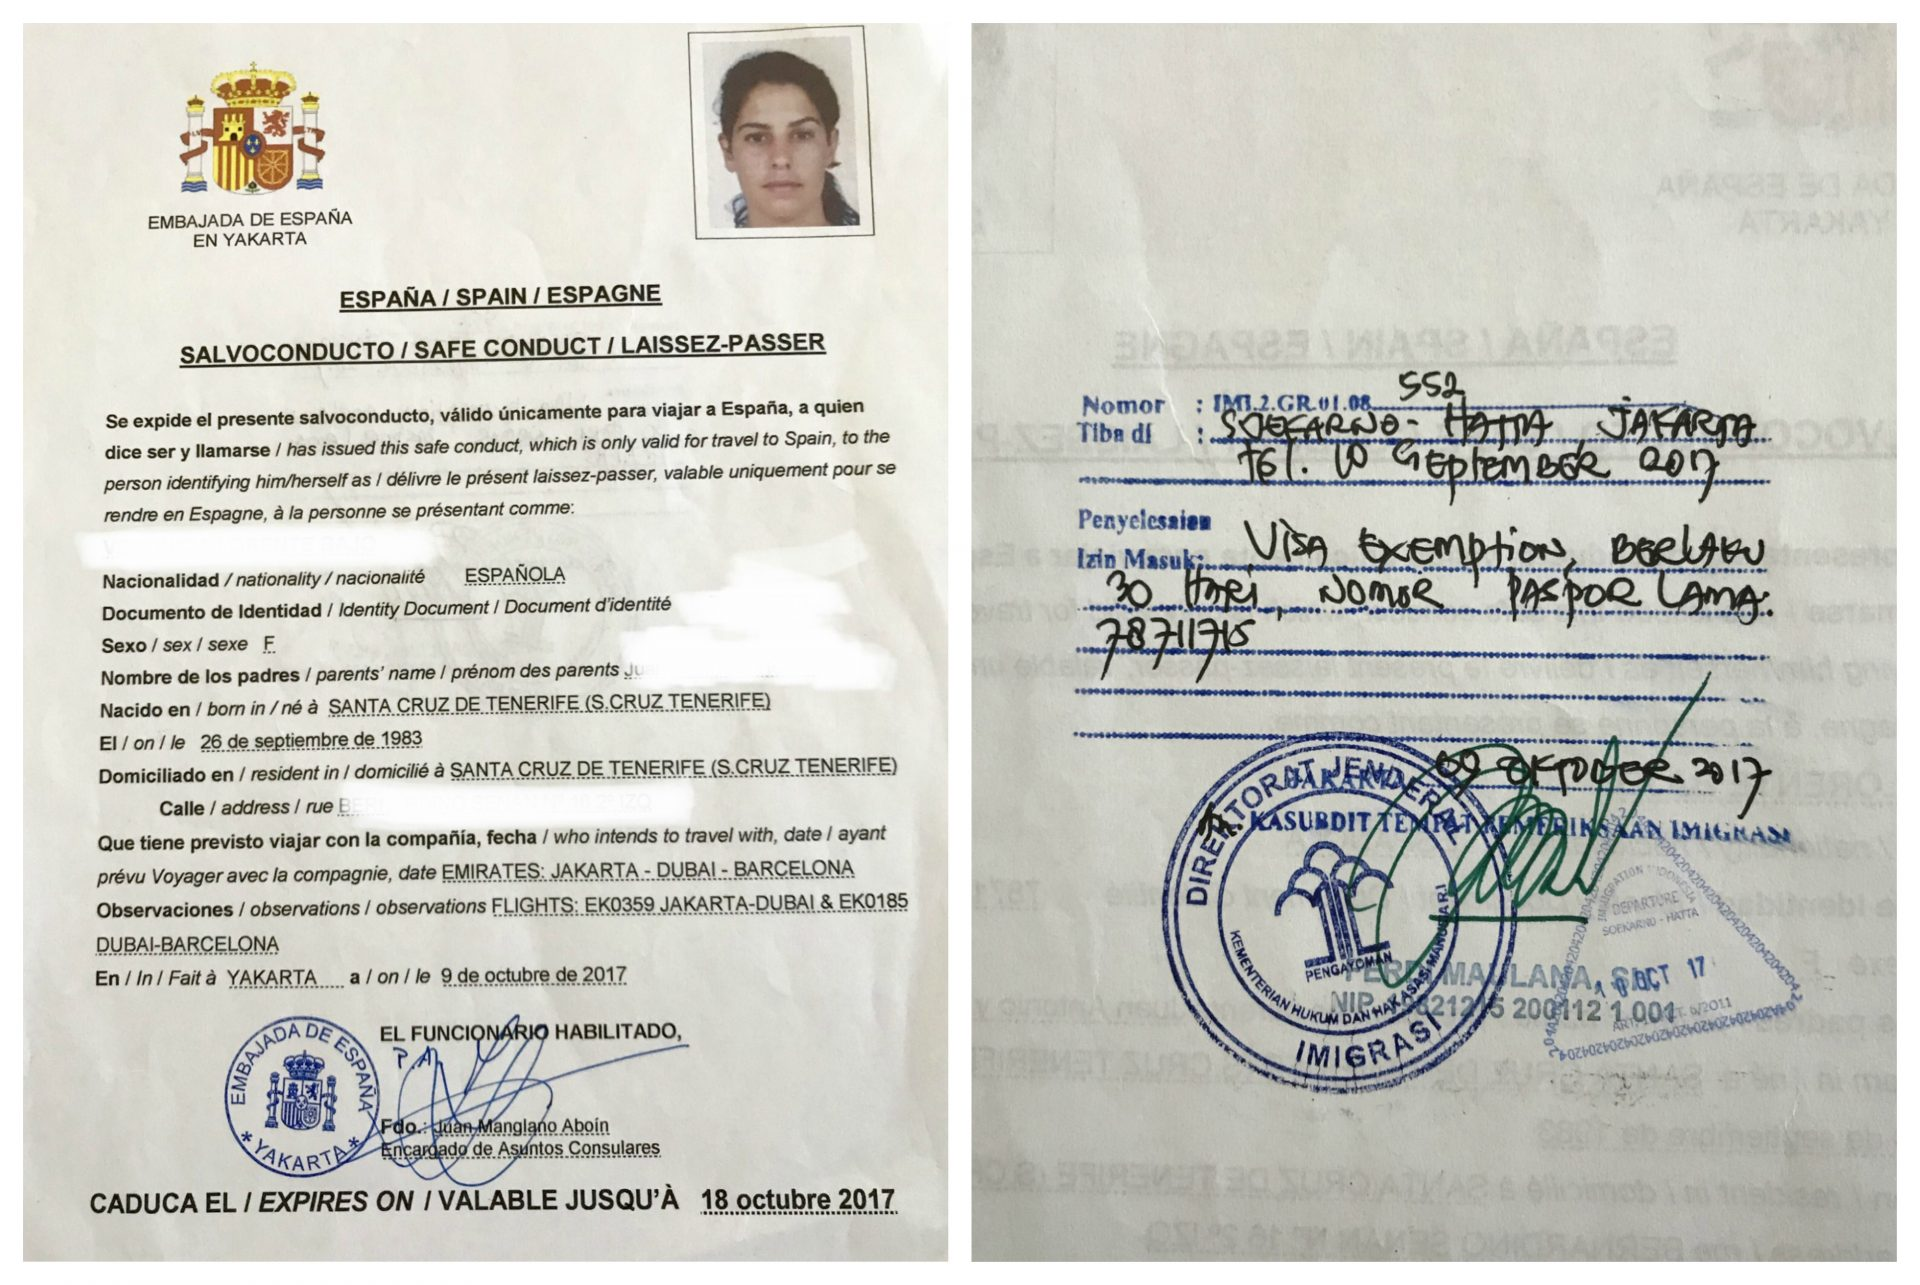 Pérdida del pasaporte en Indonesia